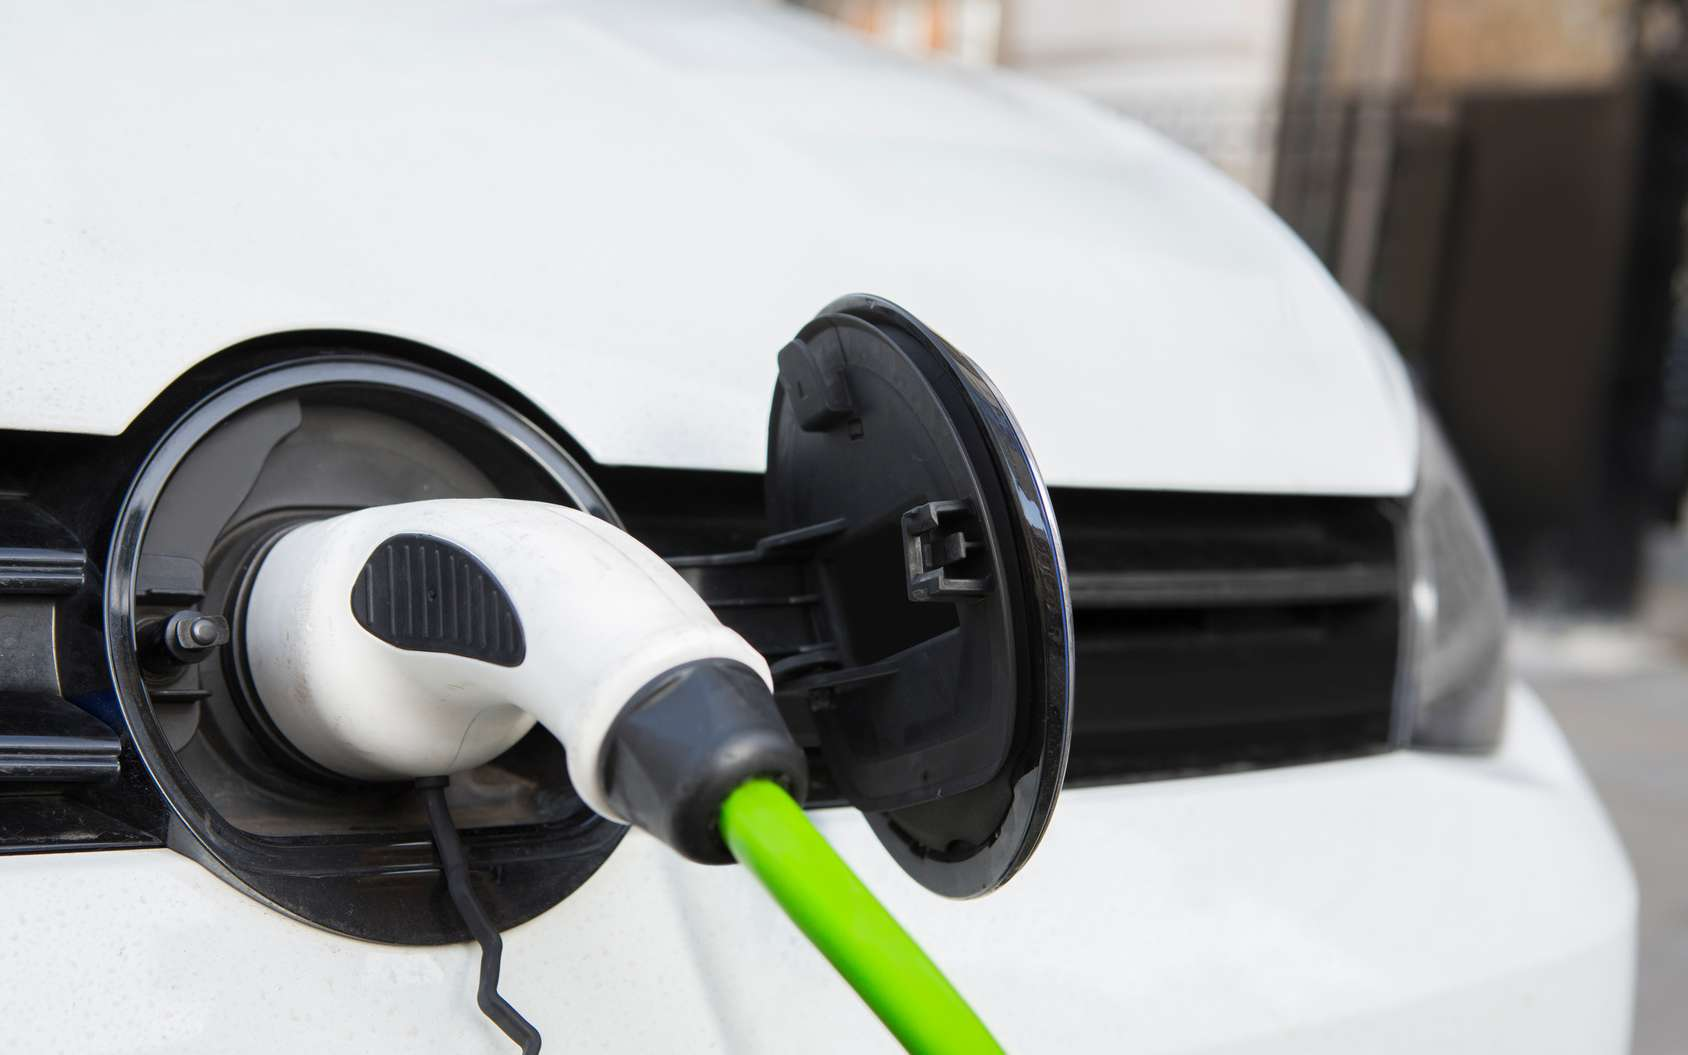 Malgré un prix de vente plus élevé que les voitures essence et diesel, les voitures électriques coûtent moins cher à l'usage. Les subventions généreuses et le coût d'entretien plus faible font partie des explications. © Daisy Daisy, Fotolia